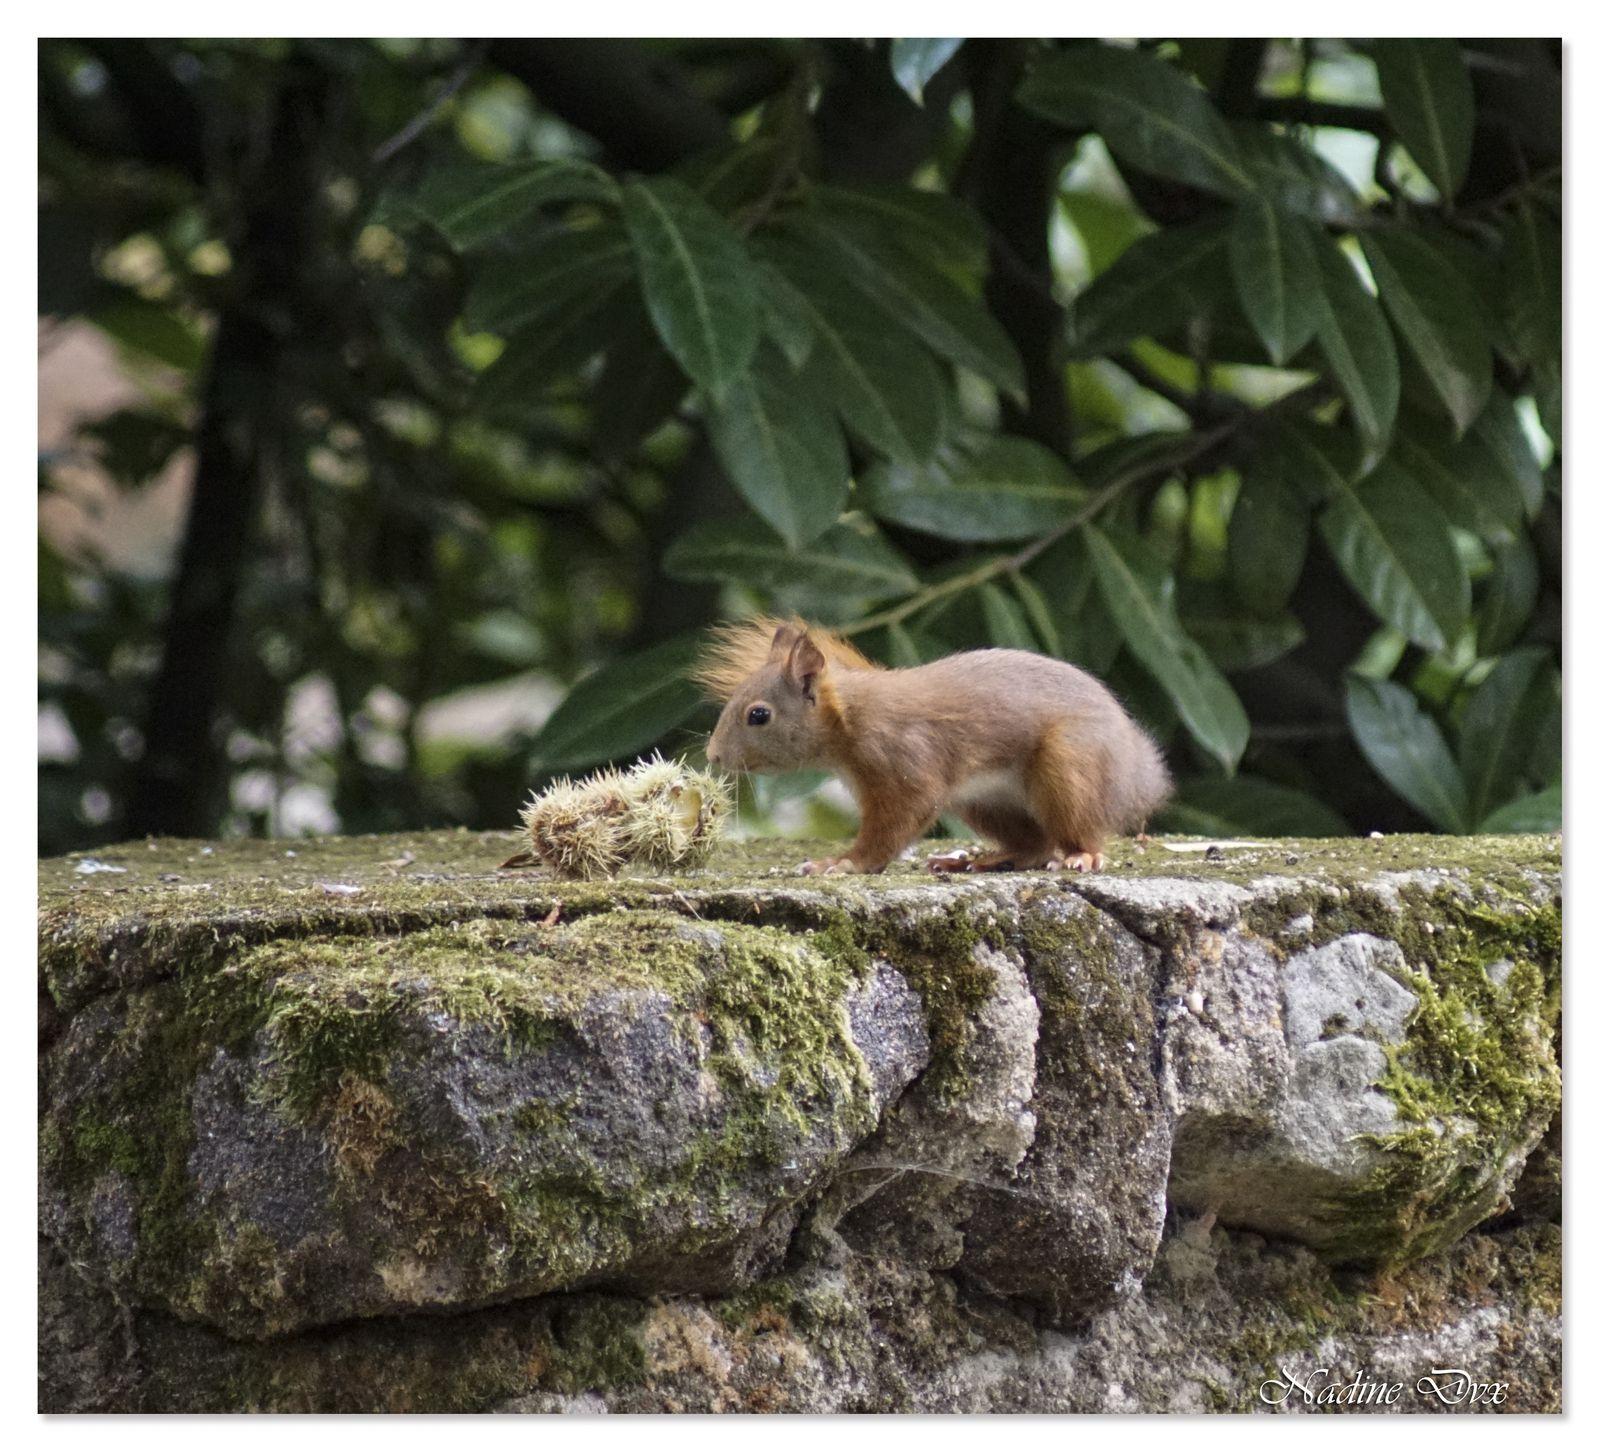 Écureuil d'Eurasie ou Écureuil roux - Nom scientifique Sciurus vulgaris - Sarthe